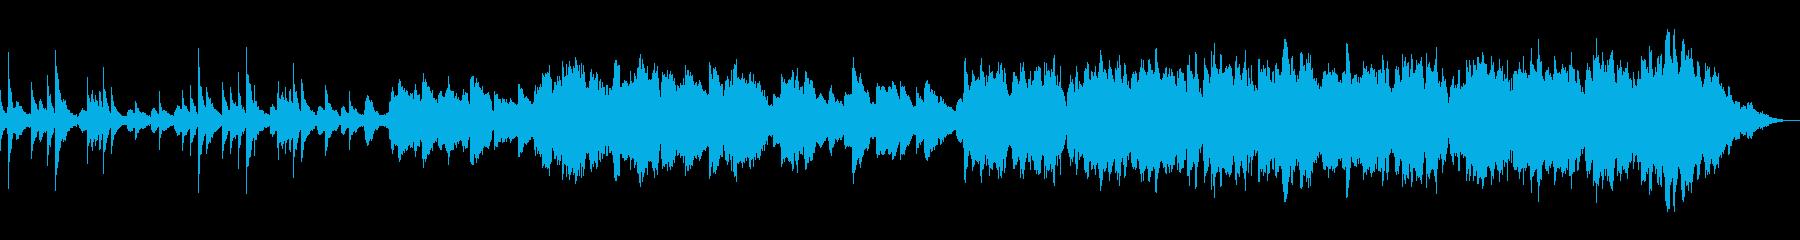 ピアノの木管のほのぼのした曲の再生済みの波形